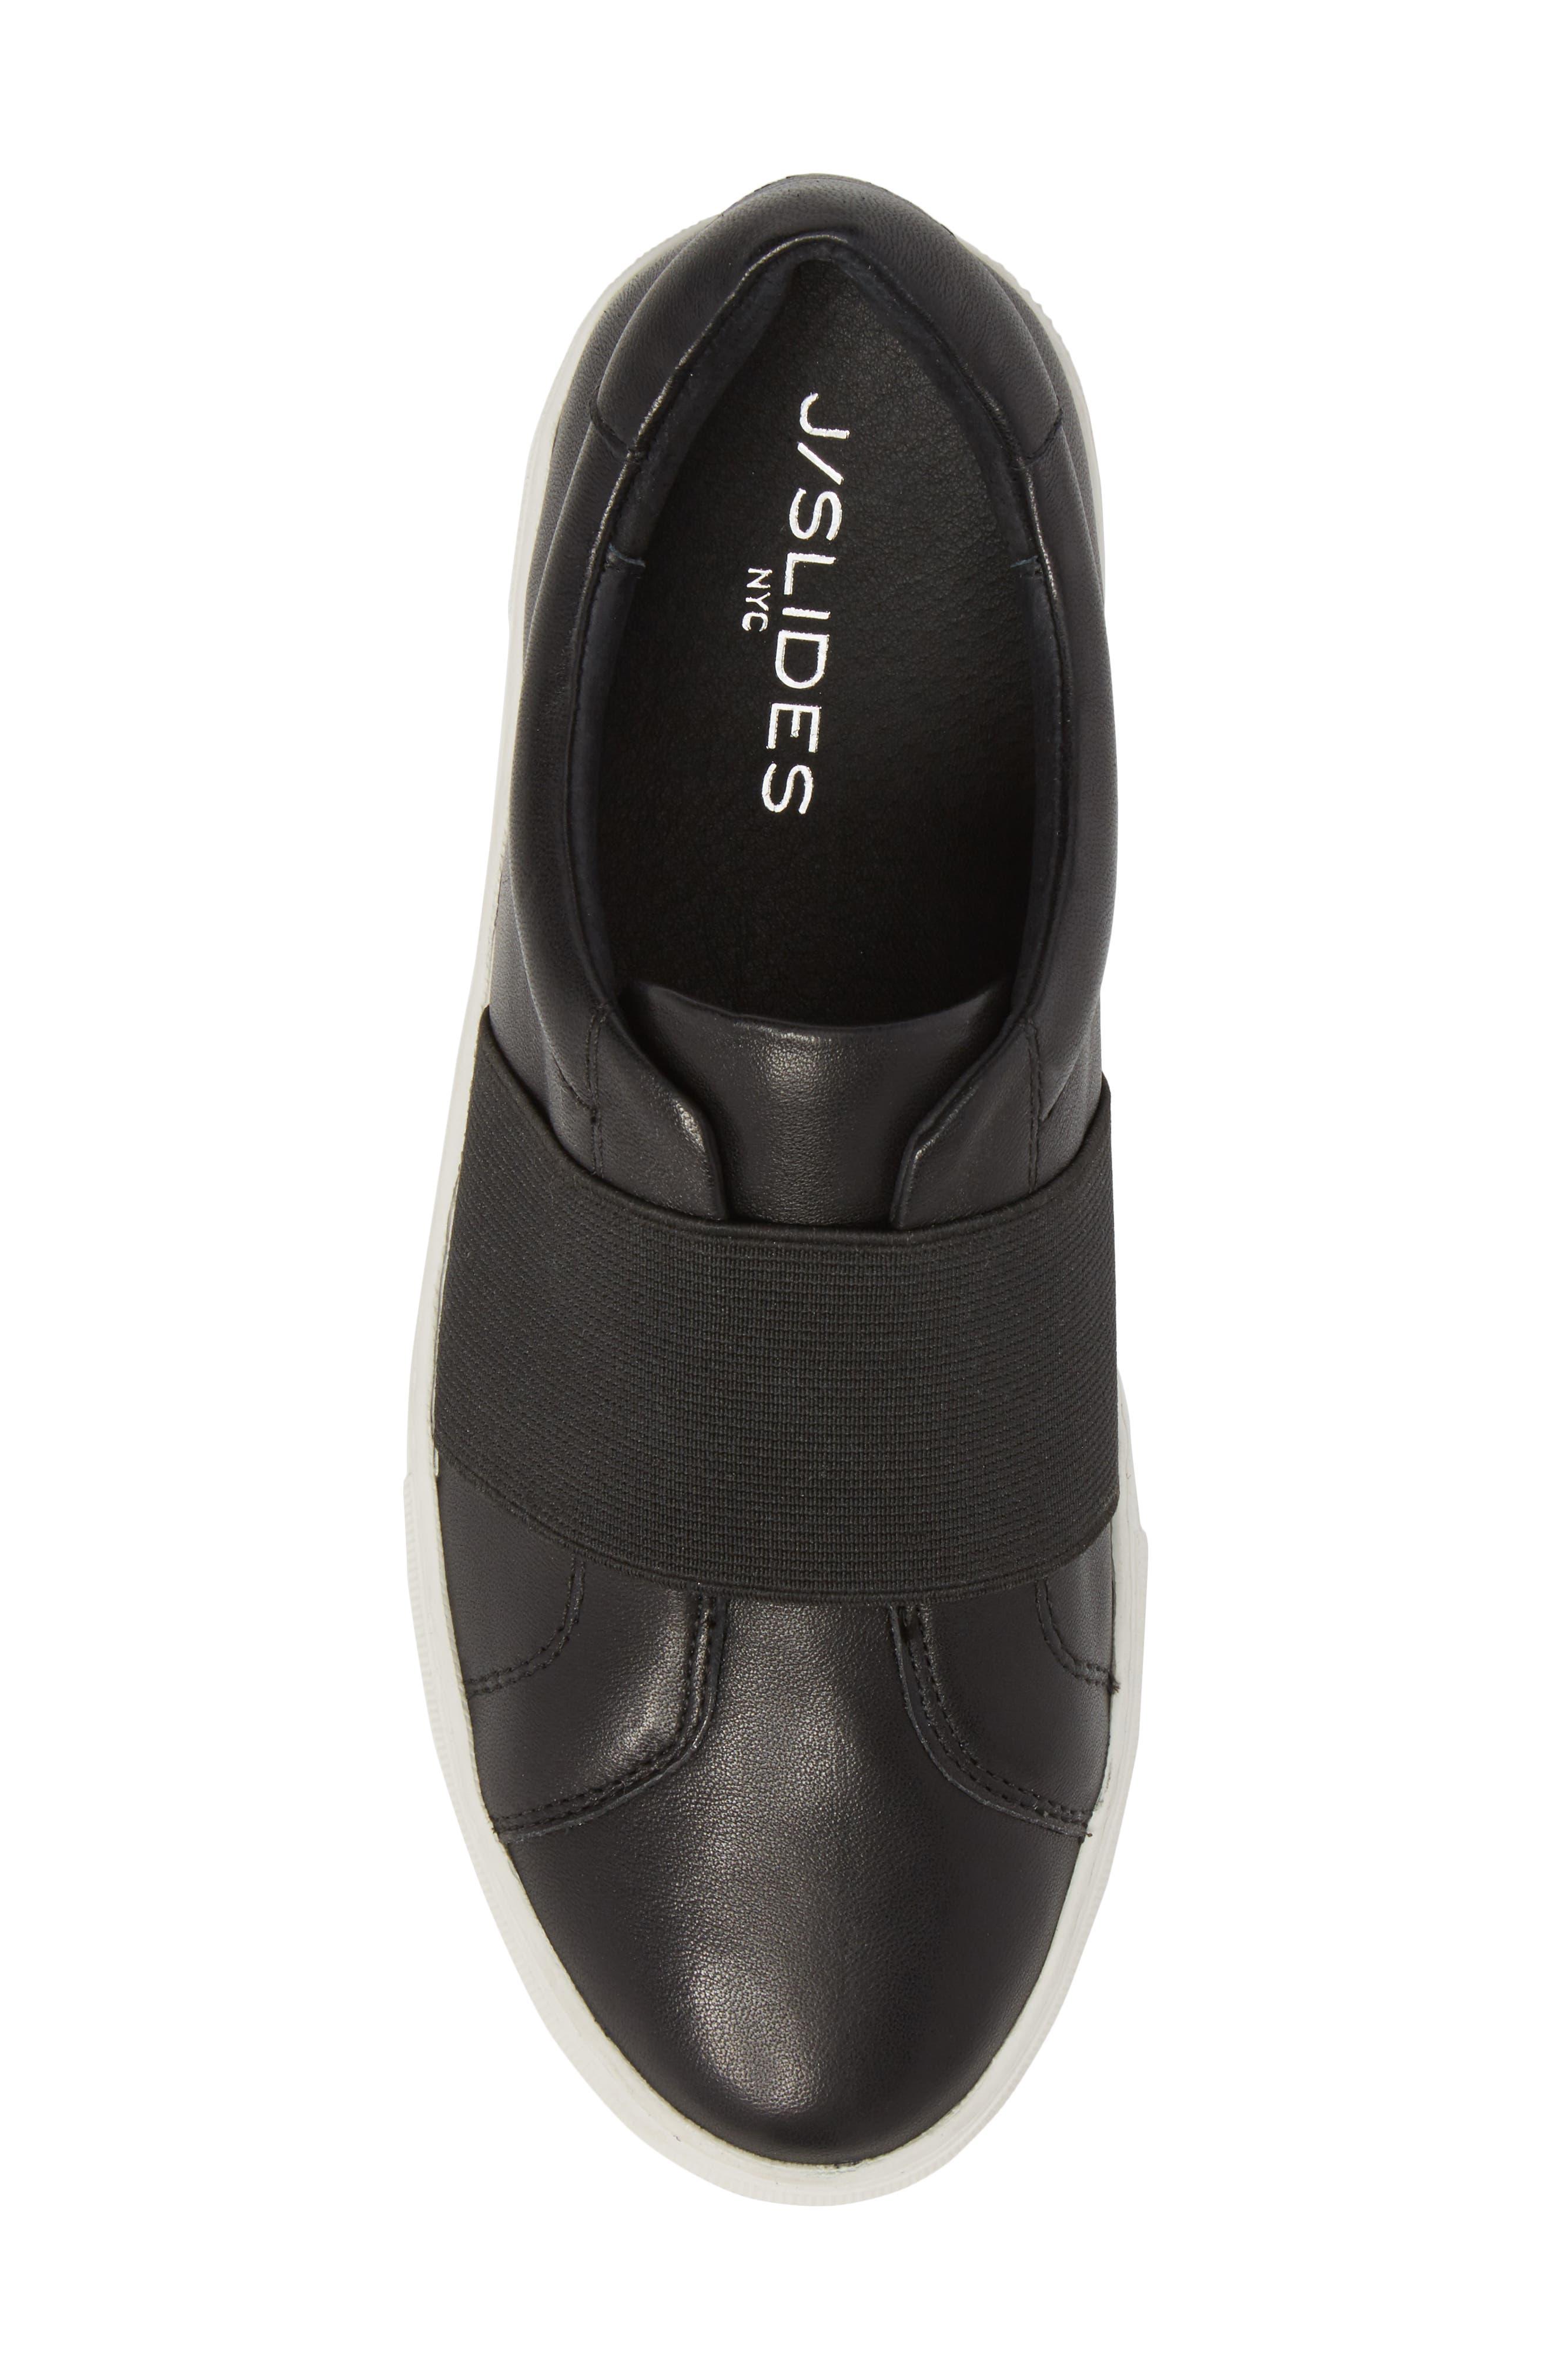 Adorn Slip-On Sneaker,                             Alternate thumbnail 5, color,                             BLACK/ BLACK LEATHER